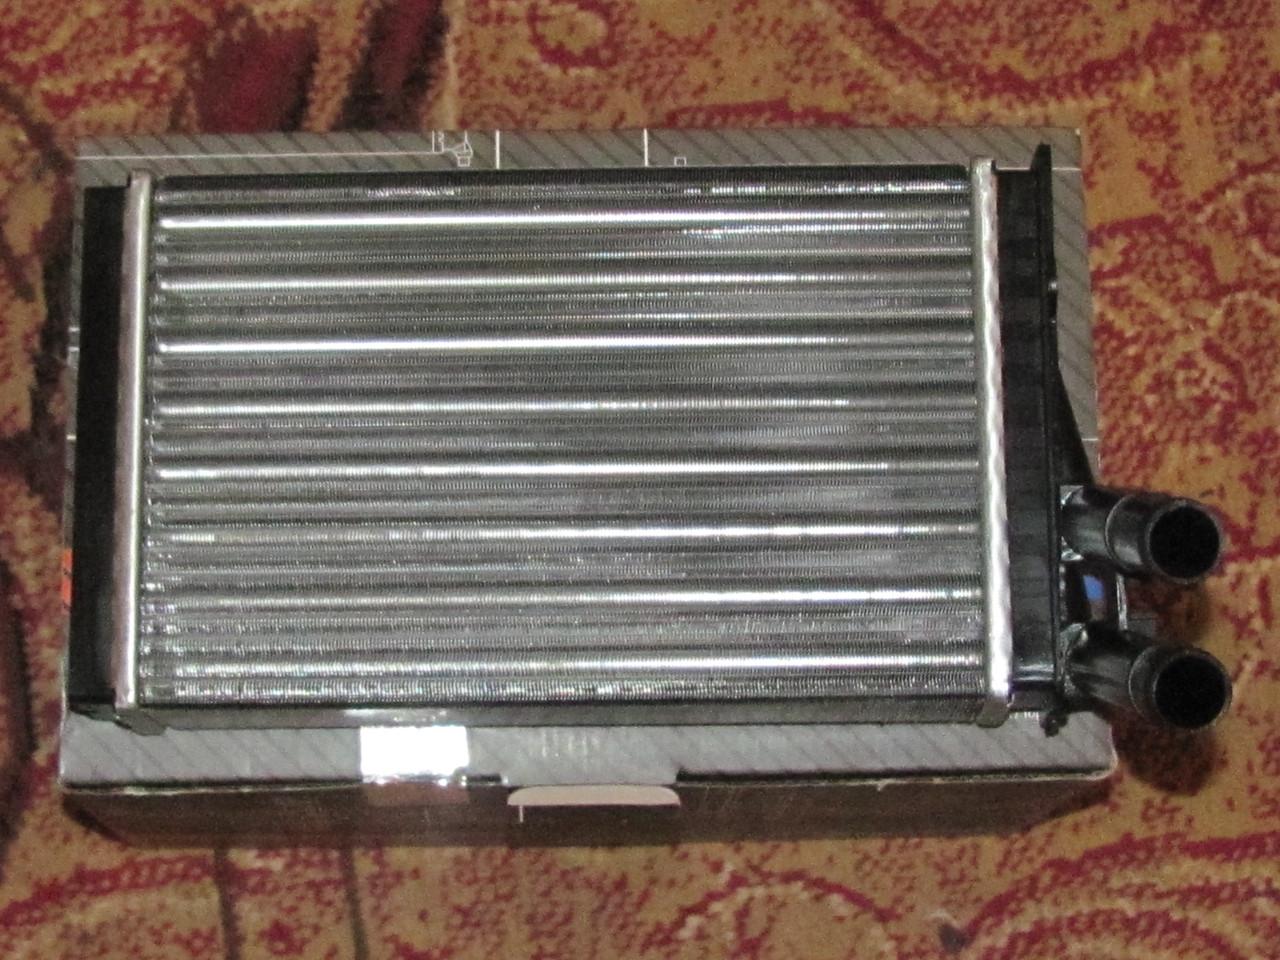 Радіатор печки Audi A4b5, 80b3, b4, 90 b4 VW passat b5